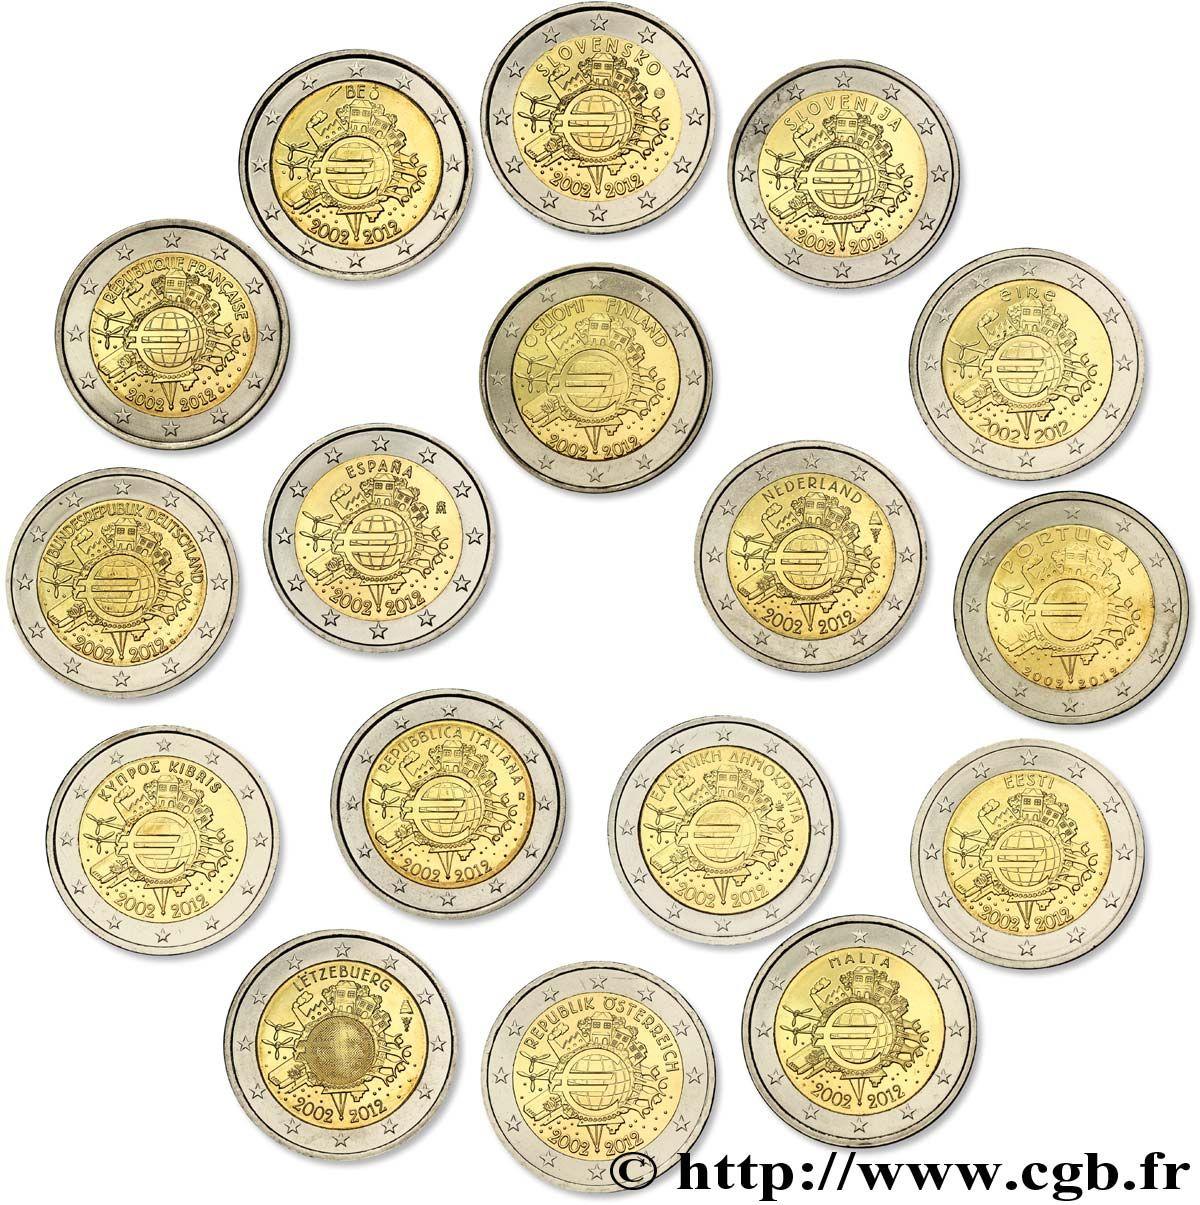 Les 17 Pieces De 2 Euro 10 Ans Des Pieces Et Billets En Euros 2002 2012 Allemagne Autriche Belgique Chypre Espagne Estonie Portugal Espagne Allemagne